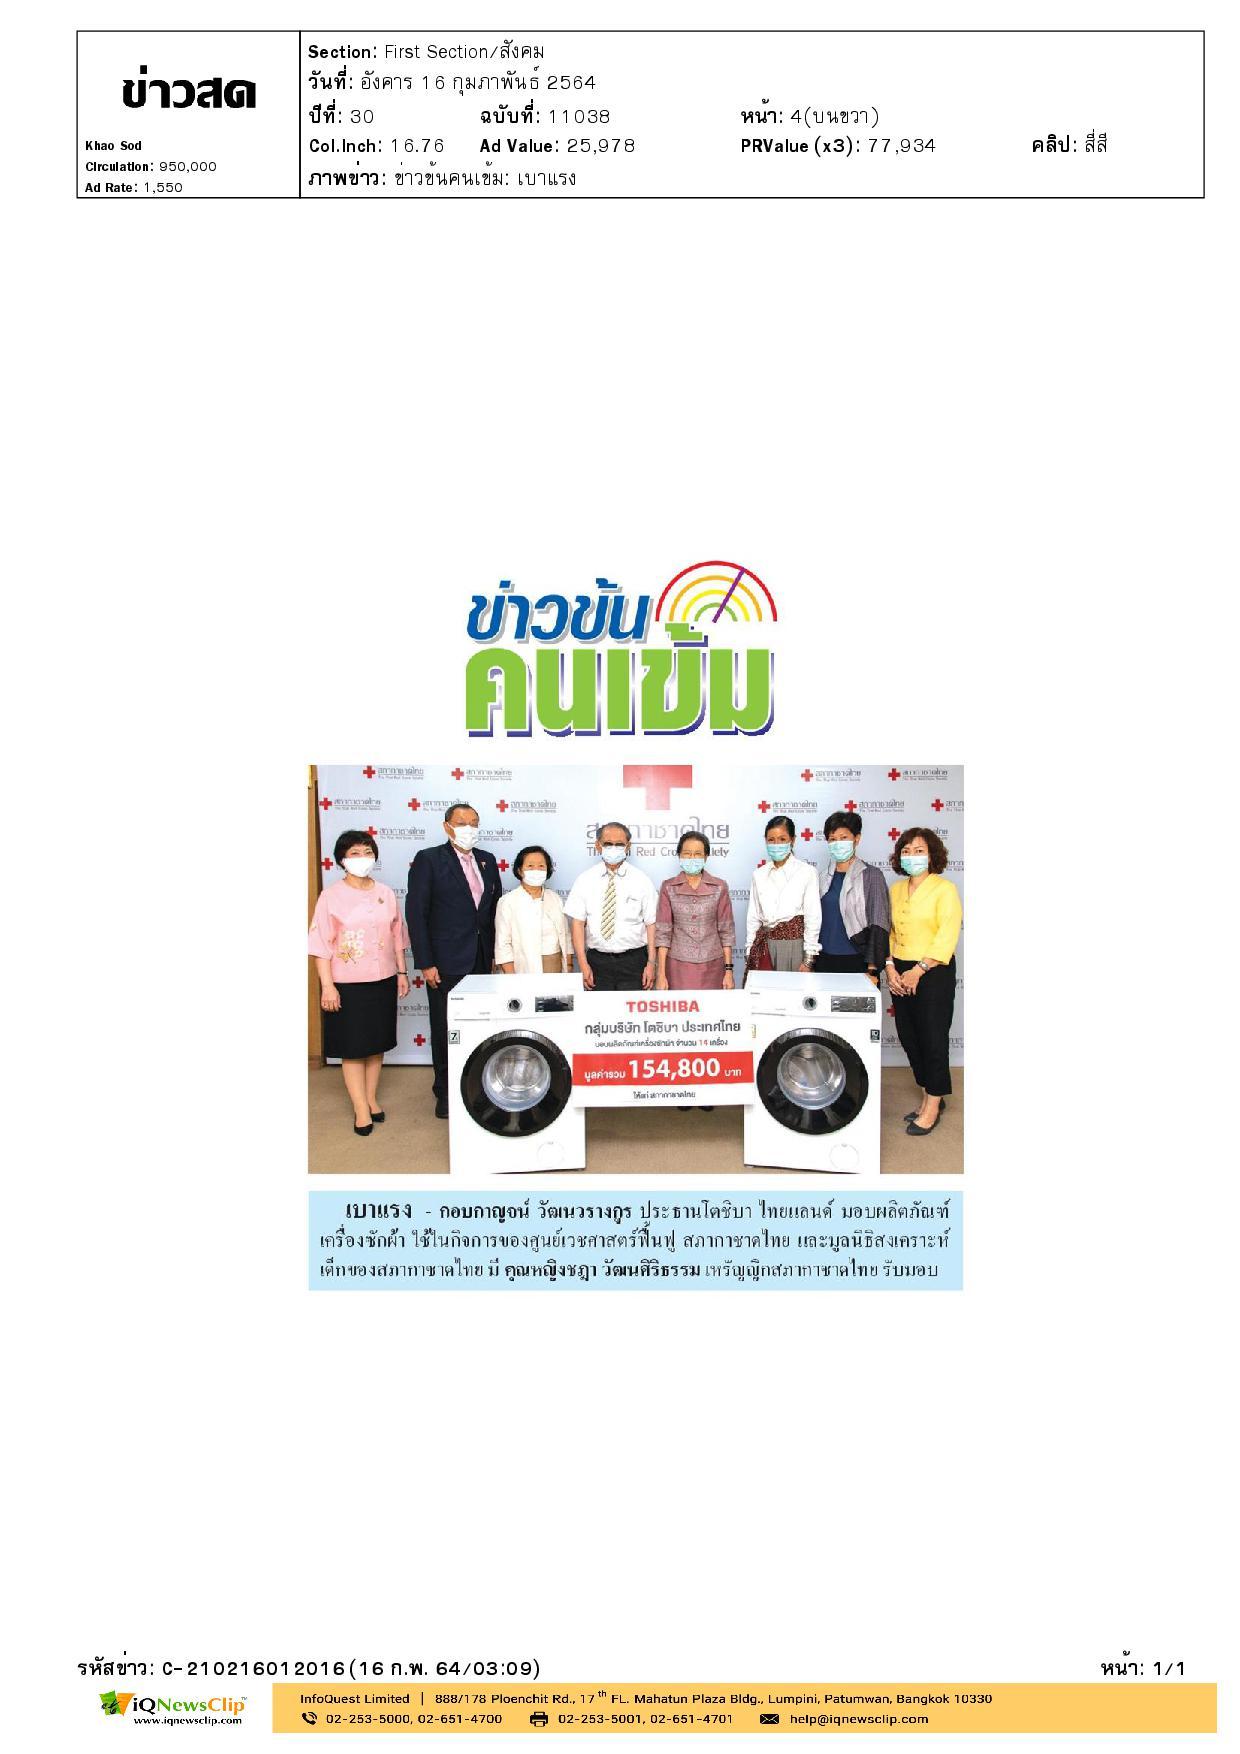 ศูนย์เวชศาสตร์ฟื้นฟู สภากาชาดไทย